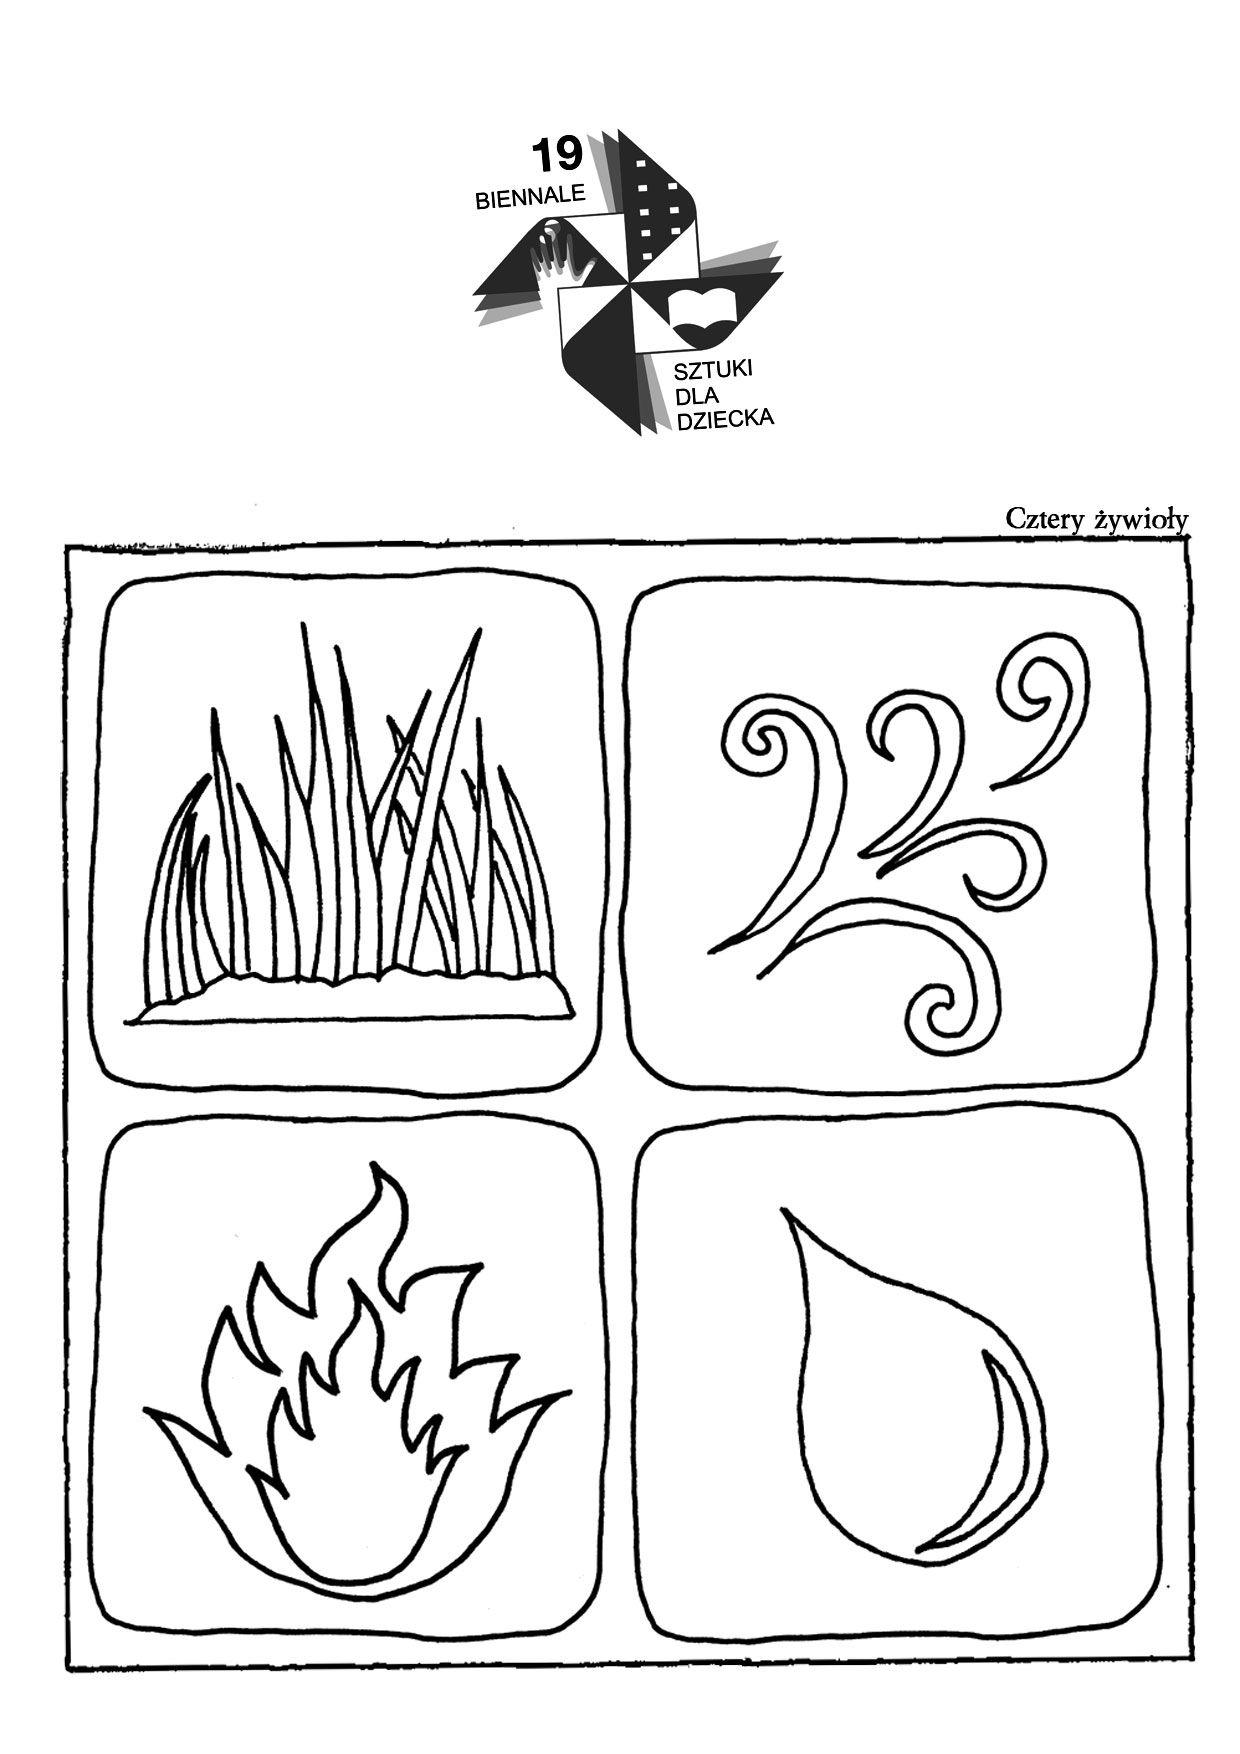 Znalezione Obrazy Dla Zapytania Zywioly Kolorowanka Cards Playing Cards